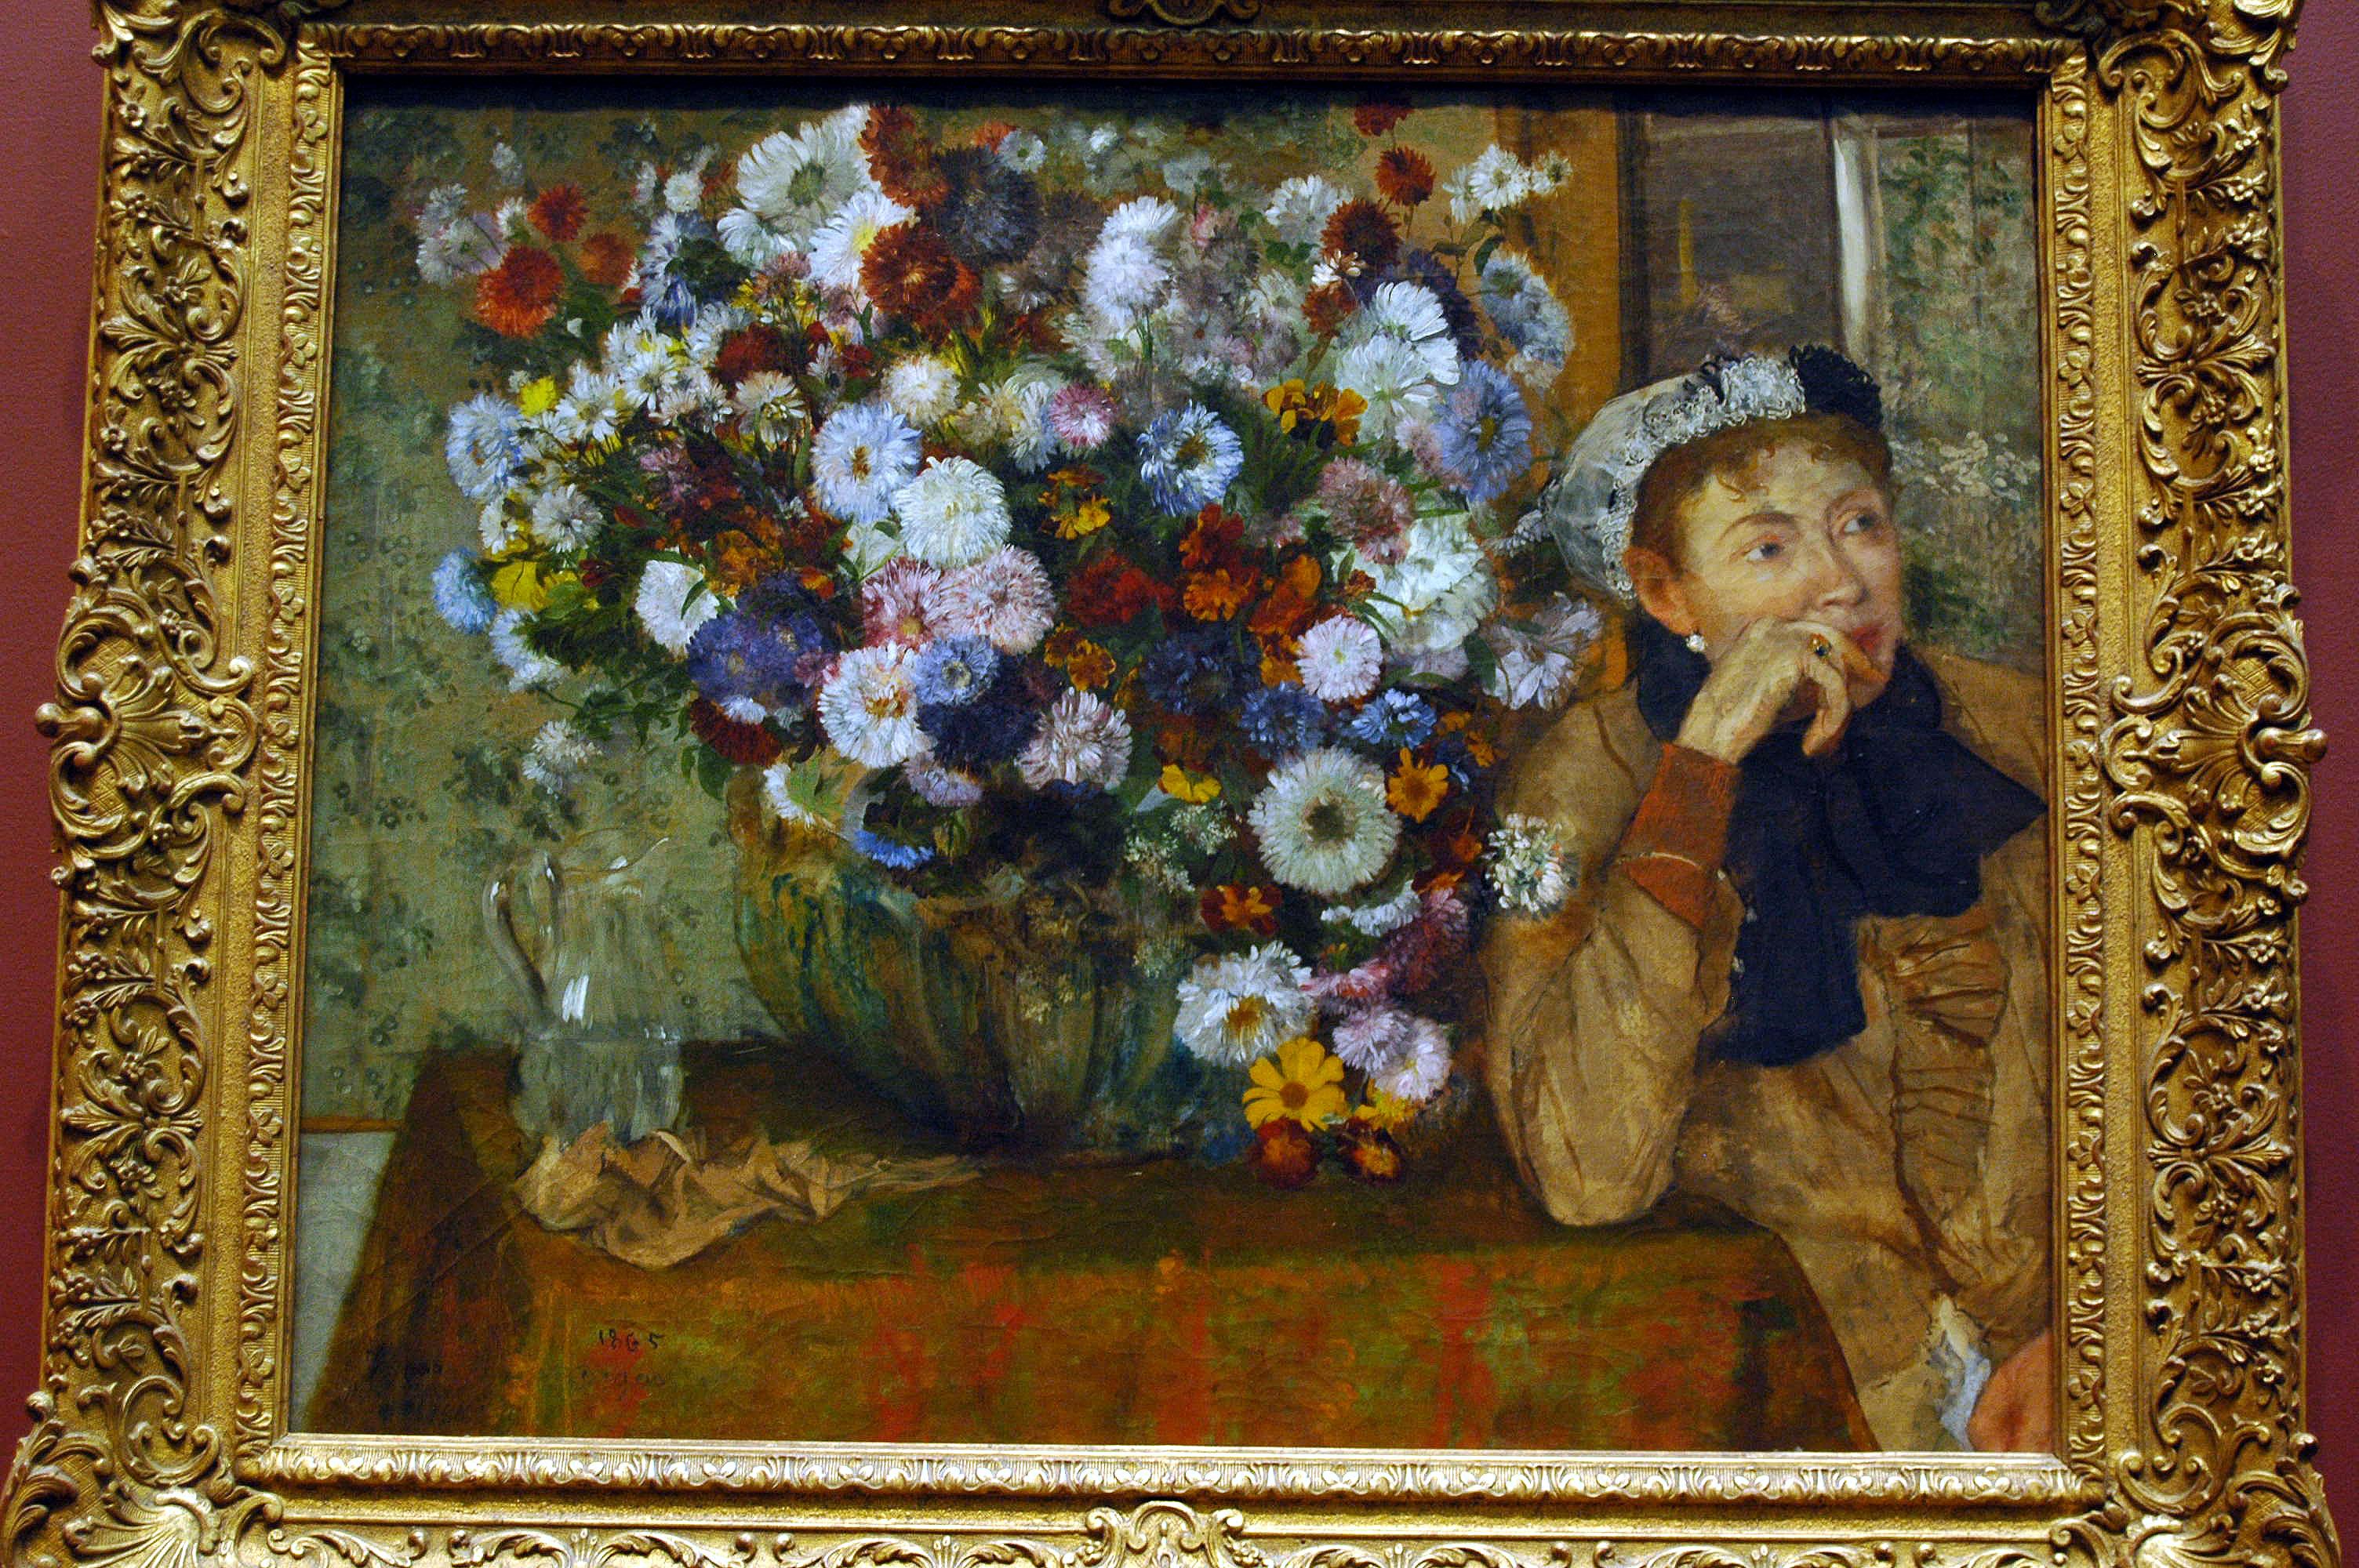 Filewla metmuseum edgar degas woman seated beside a vase of filewla metmuseum edgar degas woman seated beside a vase of flowersg reviewsmspy